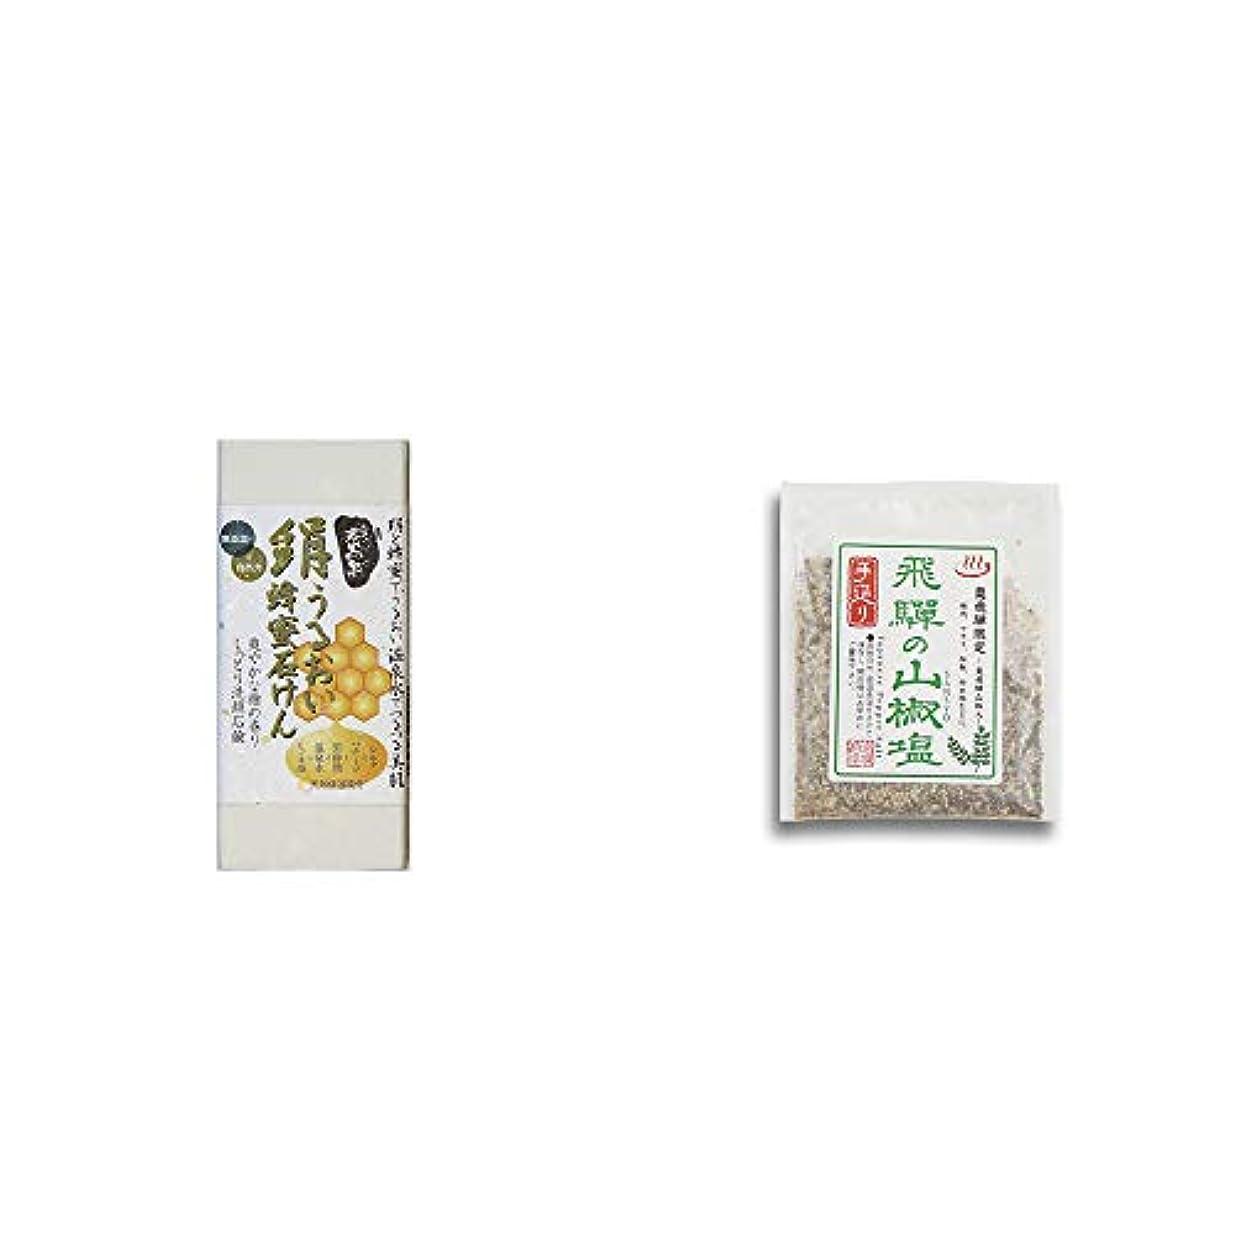 ネット差し控えるモルヒネ[2点セット] ひのき炭黒泉 絹うるおい蜂蜜石けん(75g×2)?手造り 飛騨の山椒塩(40g)